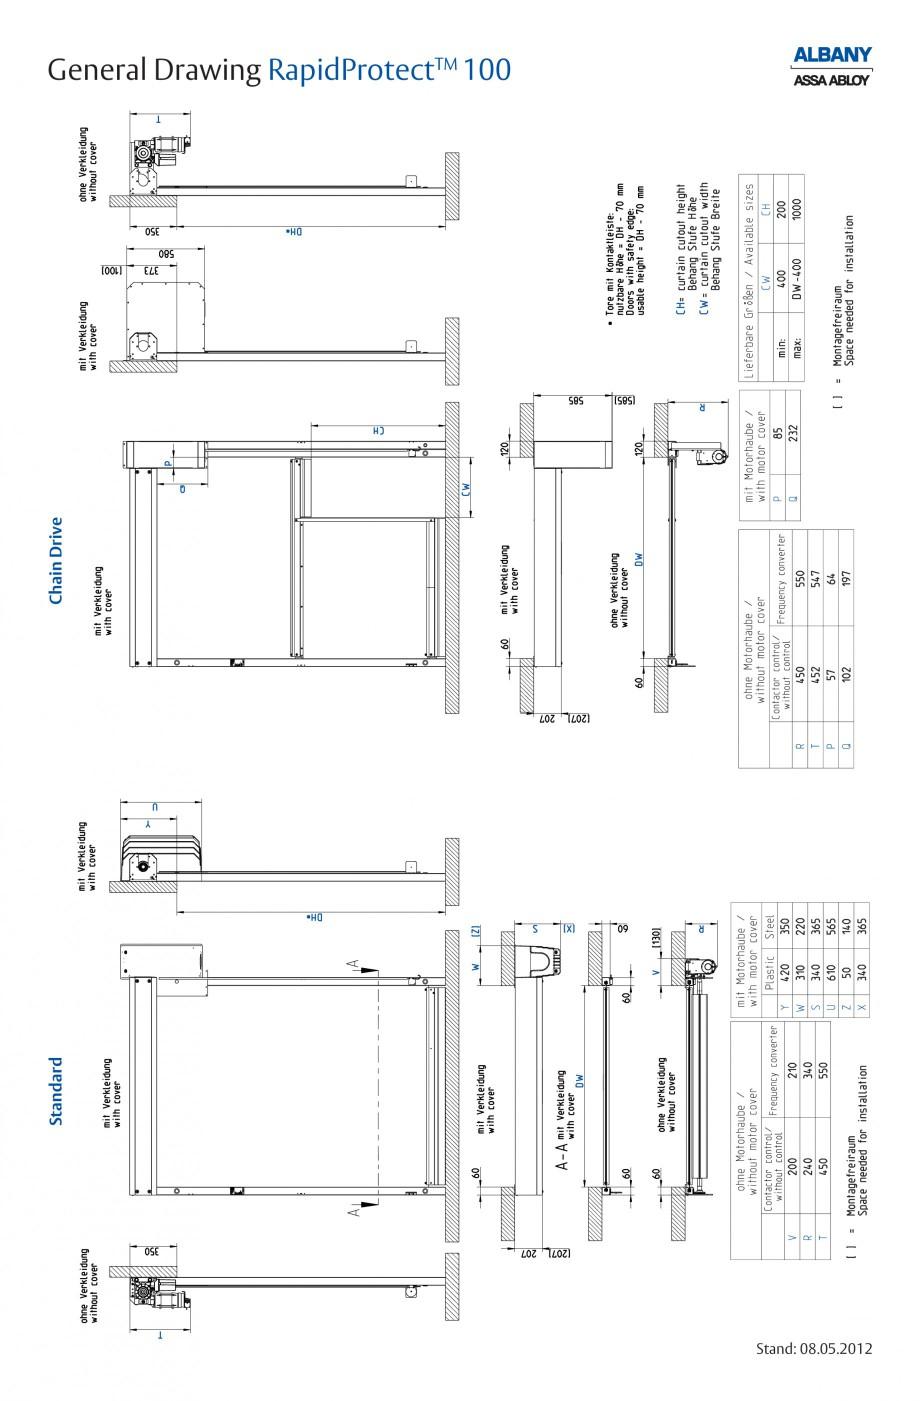 Pagina 5 - Usa industriala de inalta performanta ASSA ABLOY RapidProtectTM 100 Fisa tehnica Engleza ...